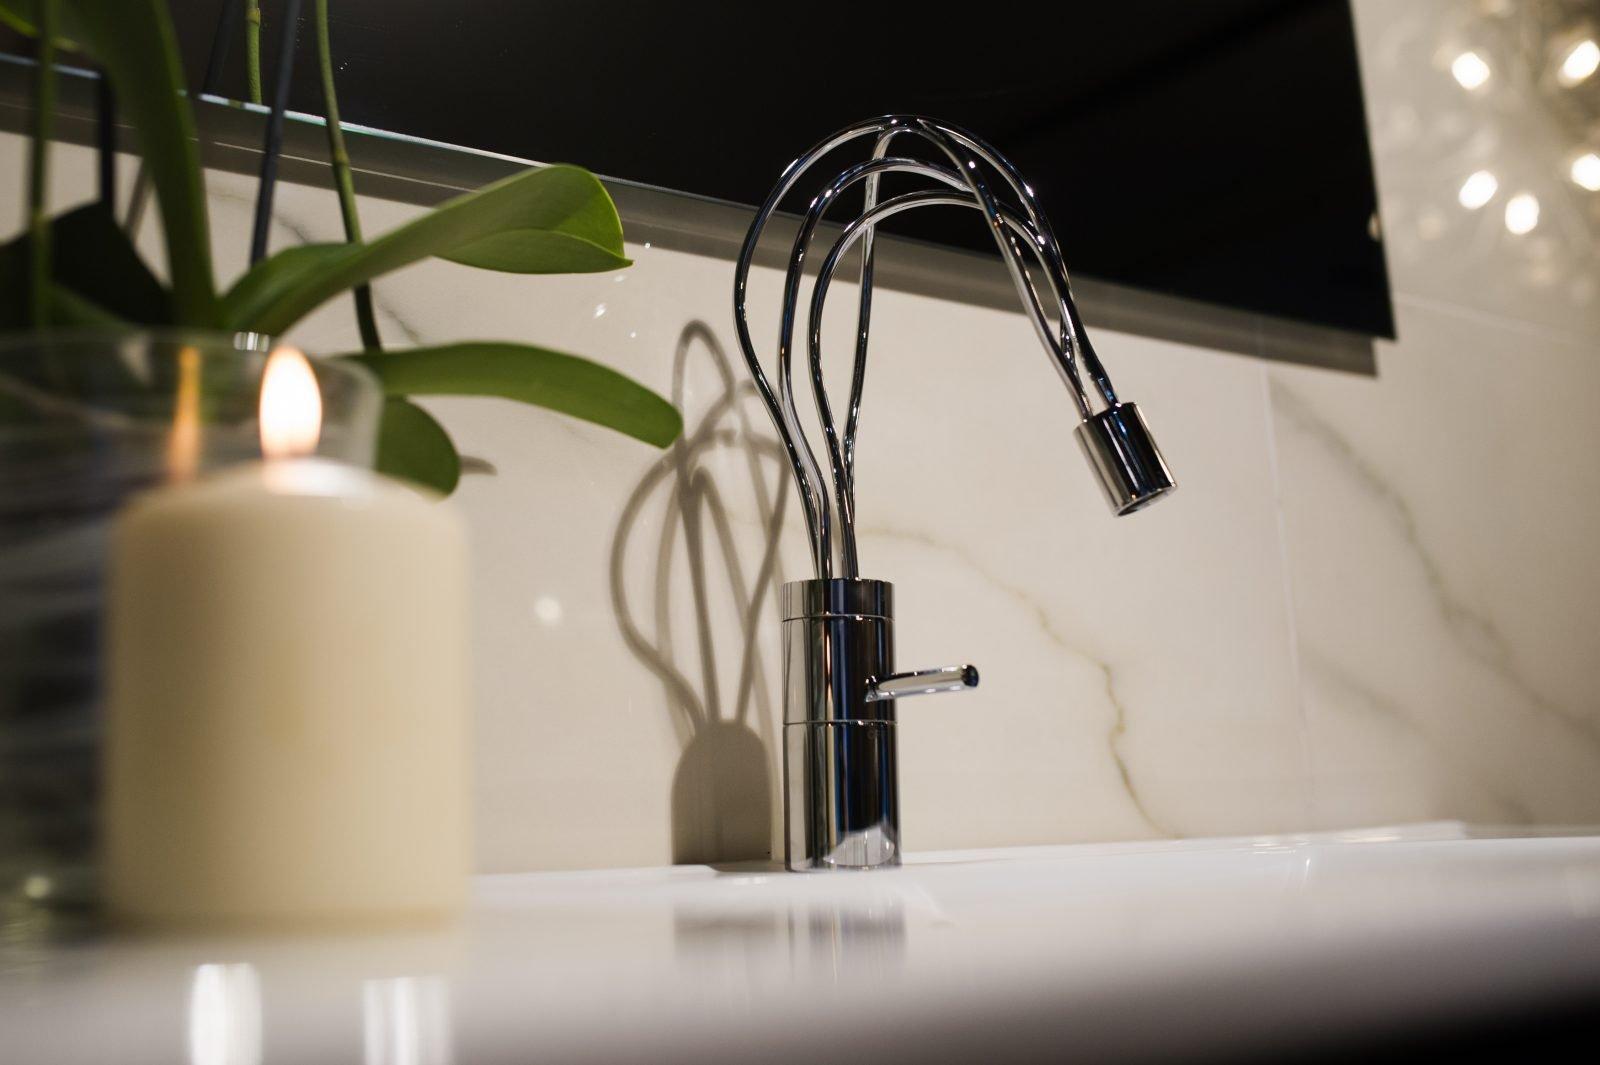 BP07 - Poseidon wash hand basin tap